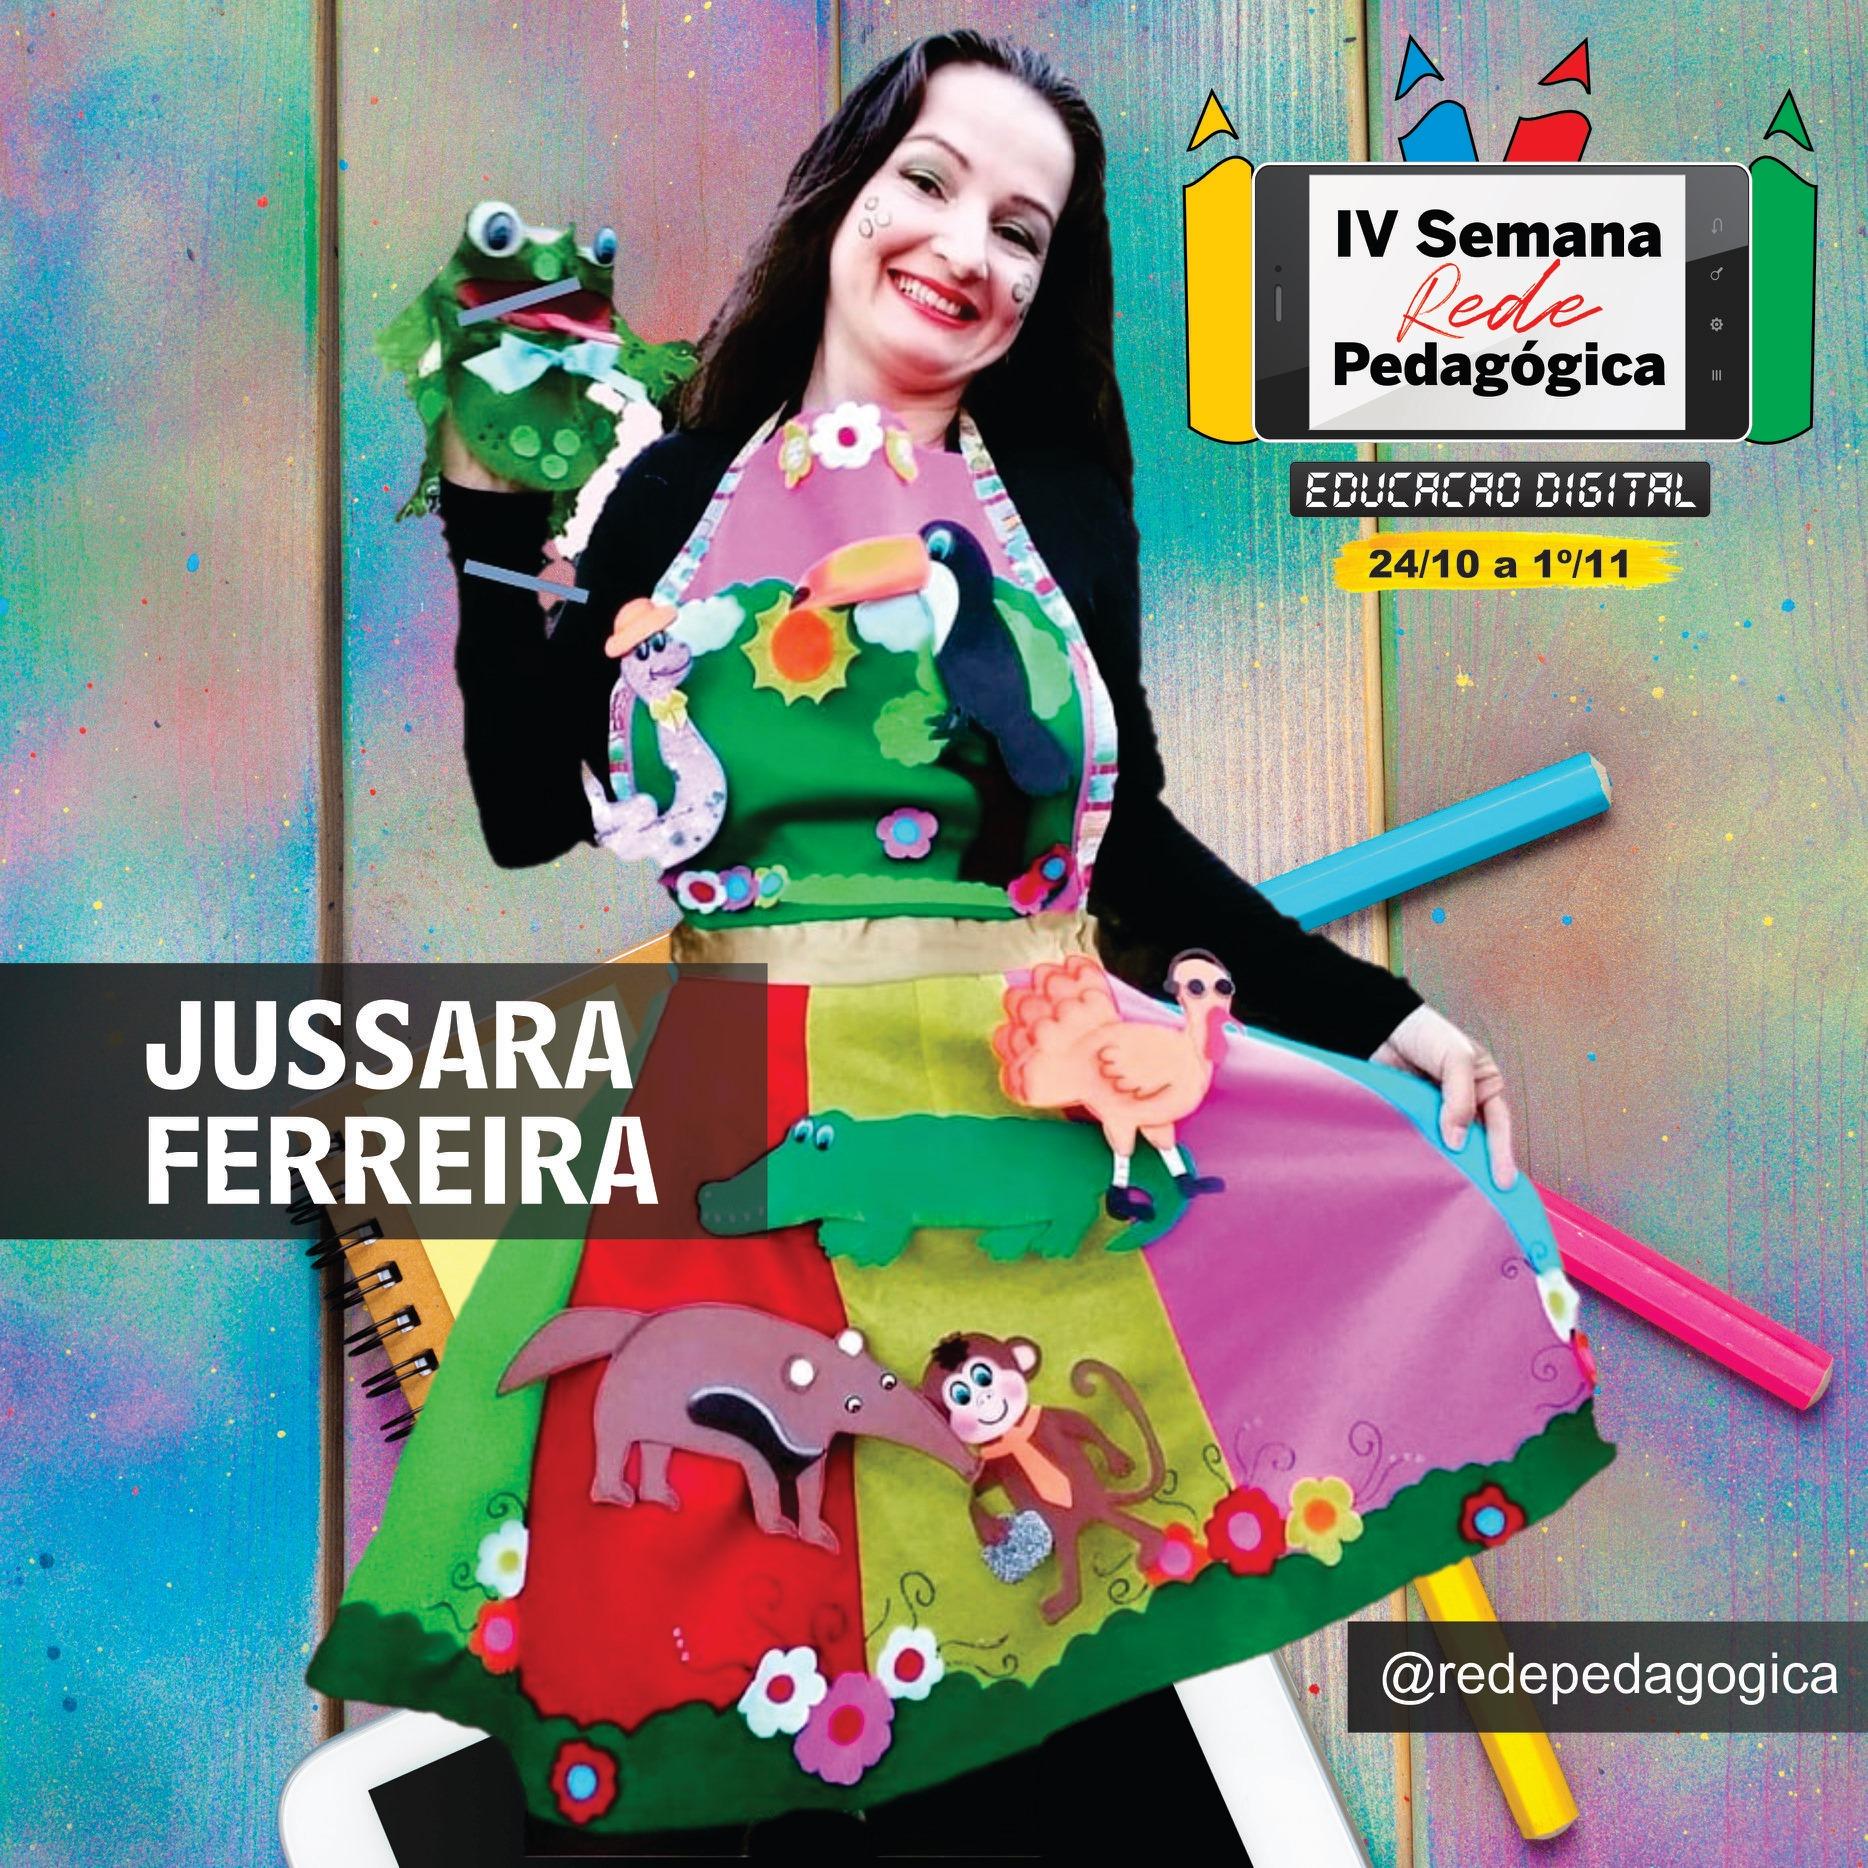 Feed_Jussara-Ferreira_26-10-2020_geral_o